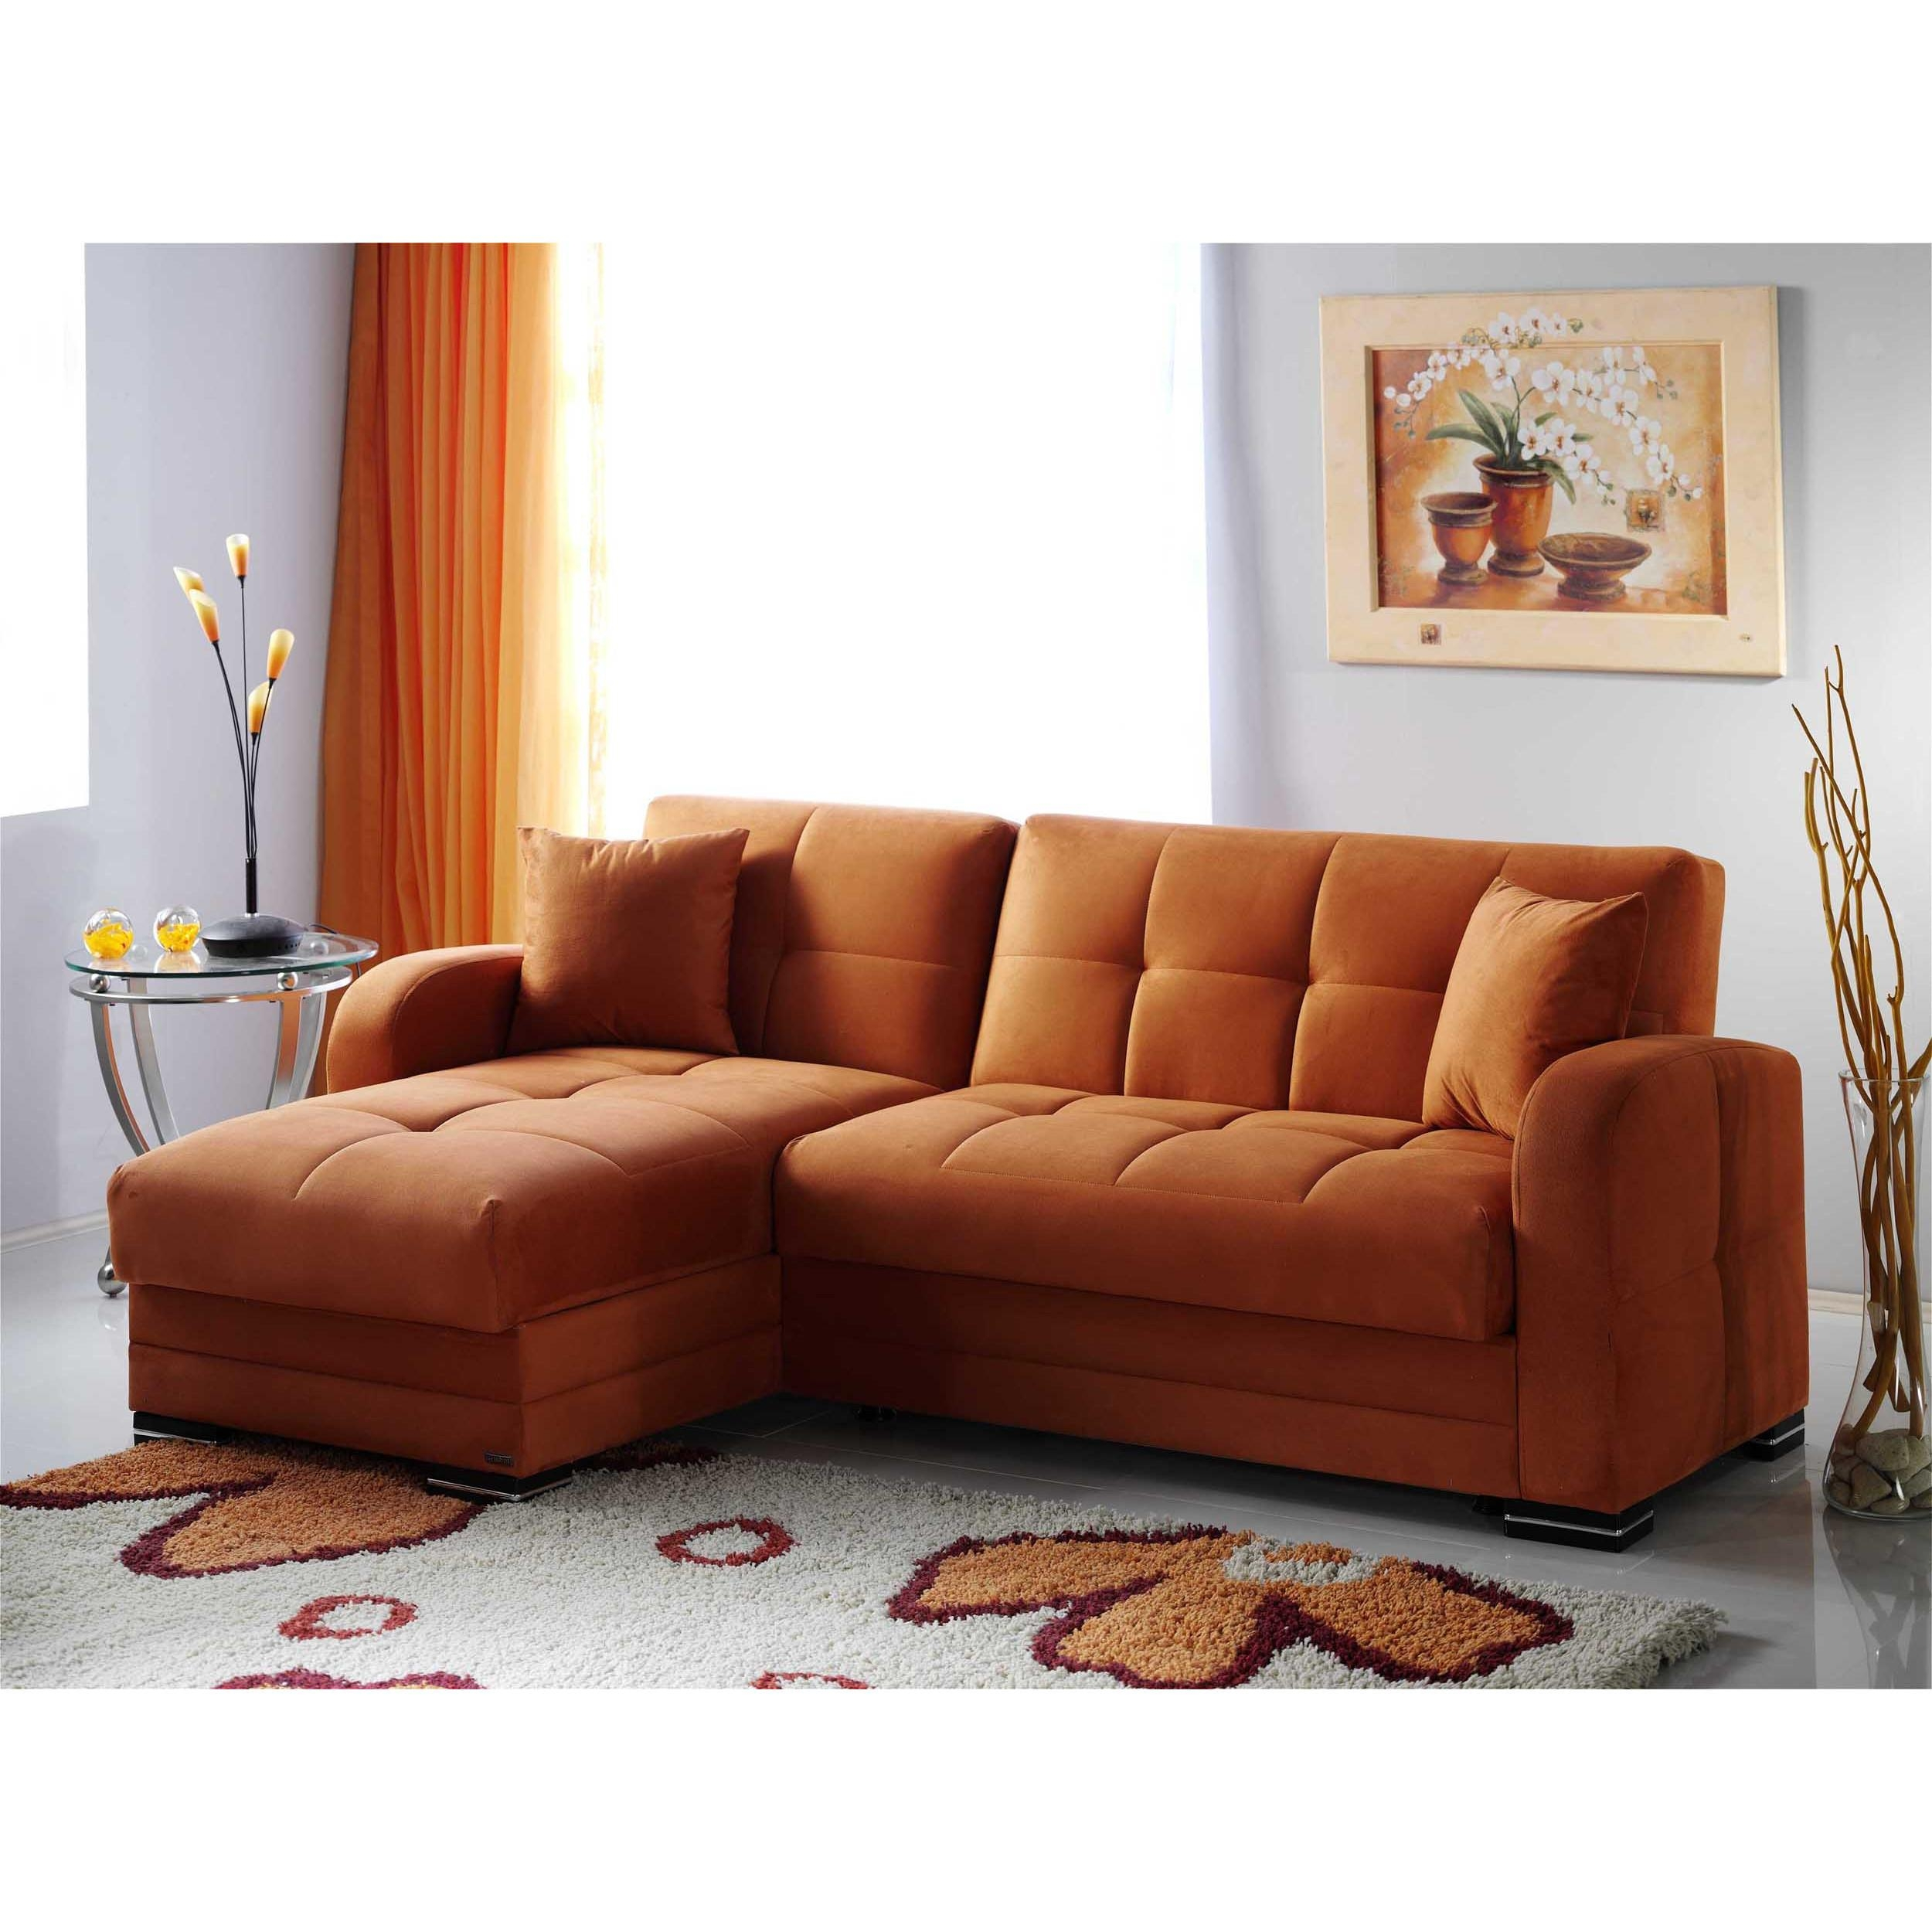 Kubo Rainbow Orange Sectional Sofasunset inside Orange Sectional Sofas